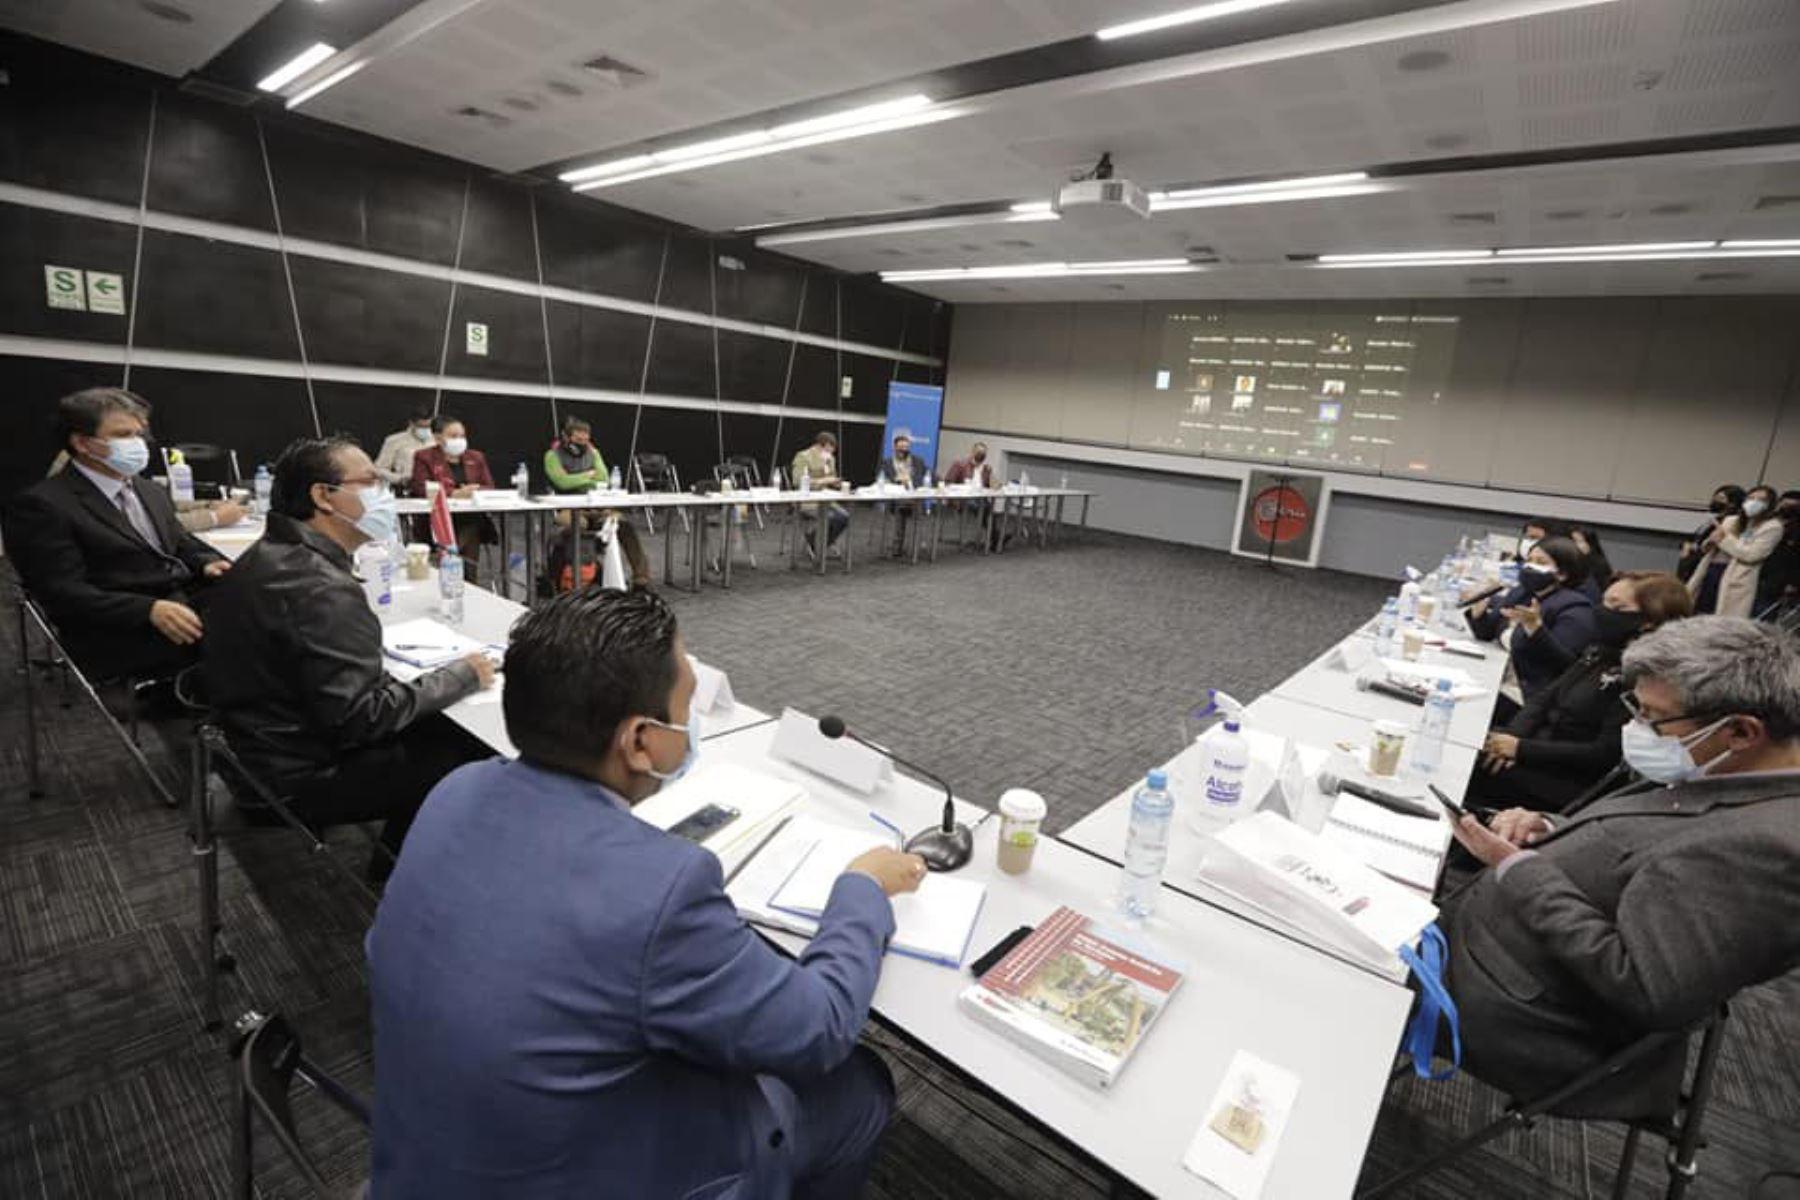 El ministro de Comercio Exterior y Turismo, Roberto Sánchez se reúne con 25 Directores regionales de turismo y Comercio exterior en la ciudad de Lima.  Por un turismo inclusivo, social, con más producción y reactivación socioeconómica. Foto: Mincetur